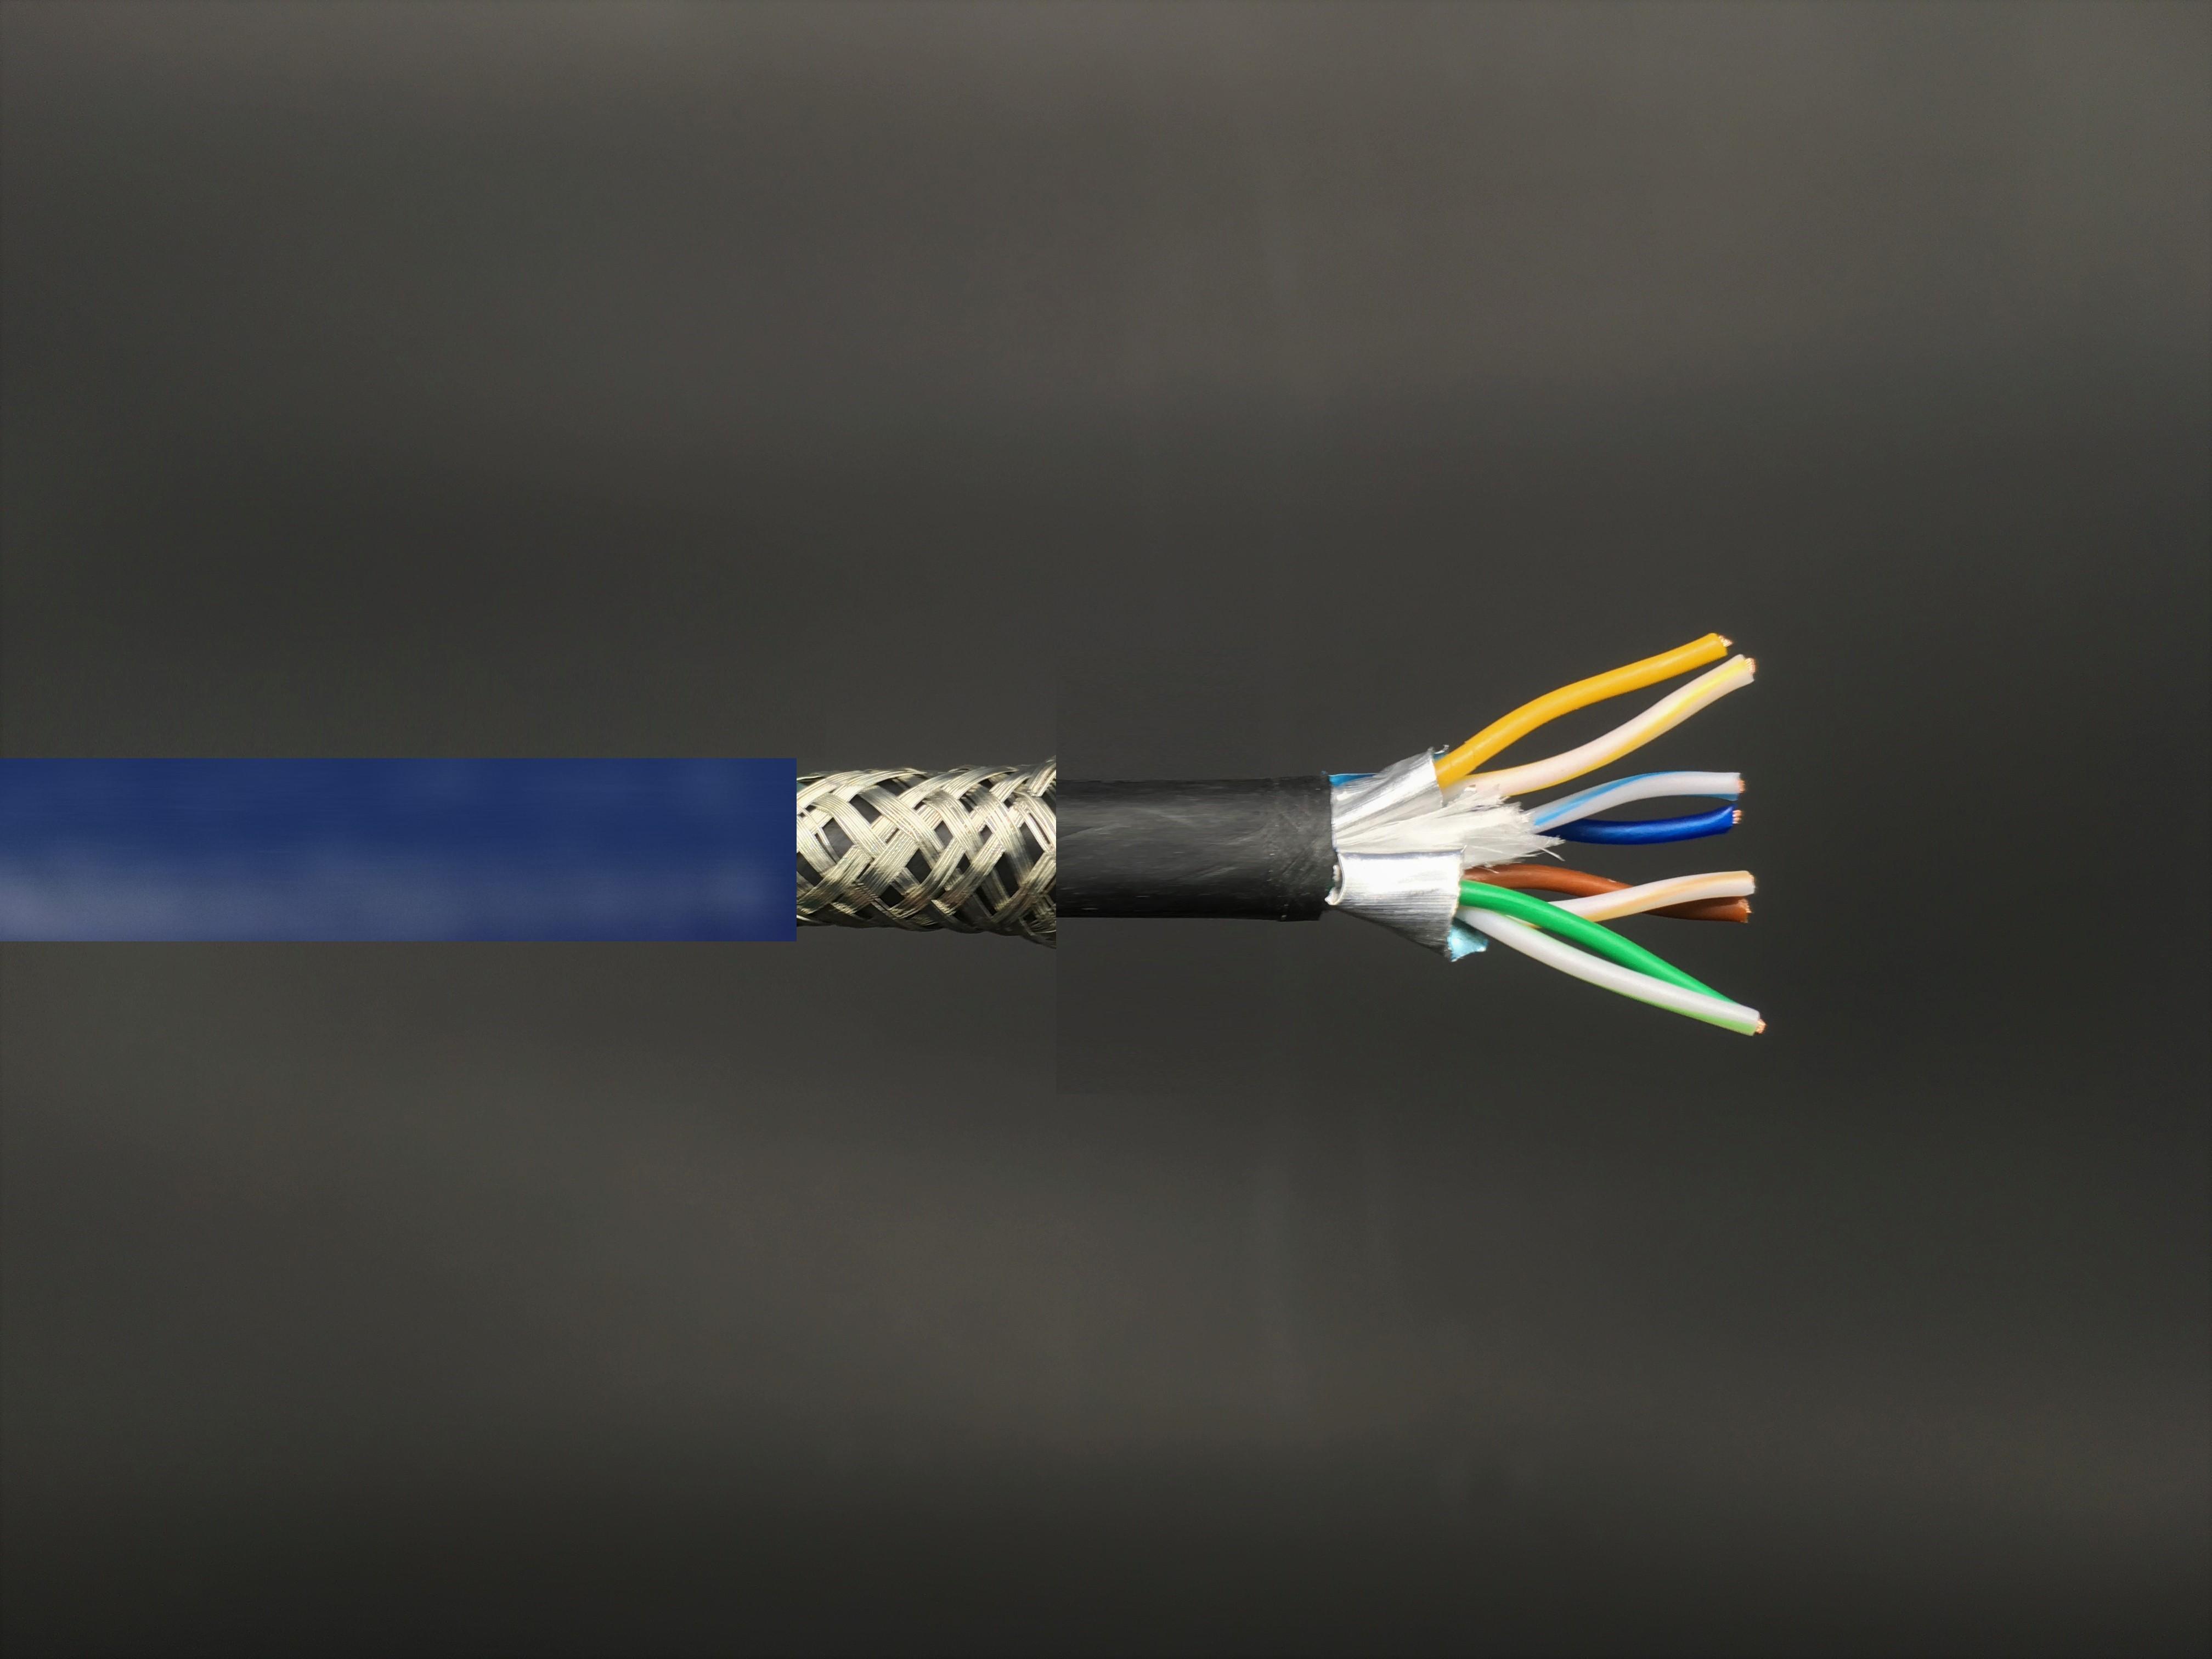 CAT7 S-FTP Bulk LAN Cable, 600MHz Double Sheath